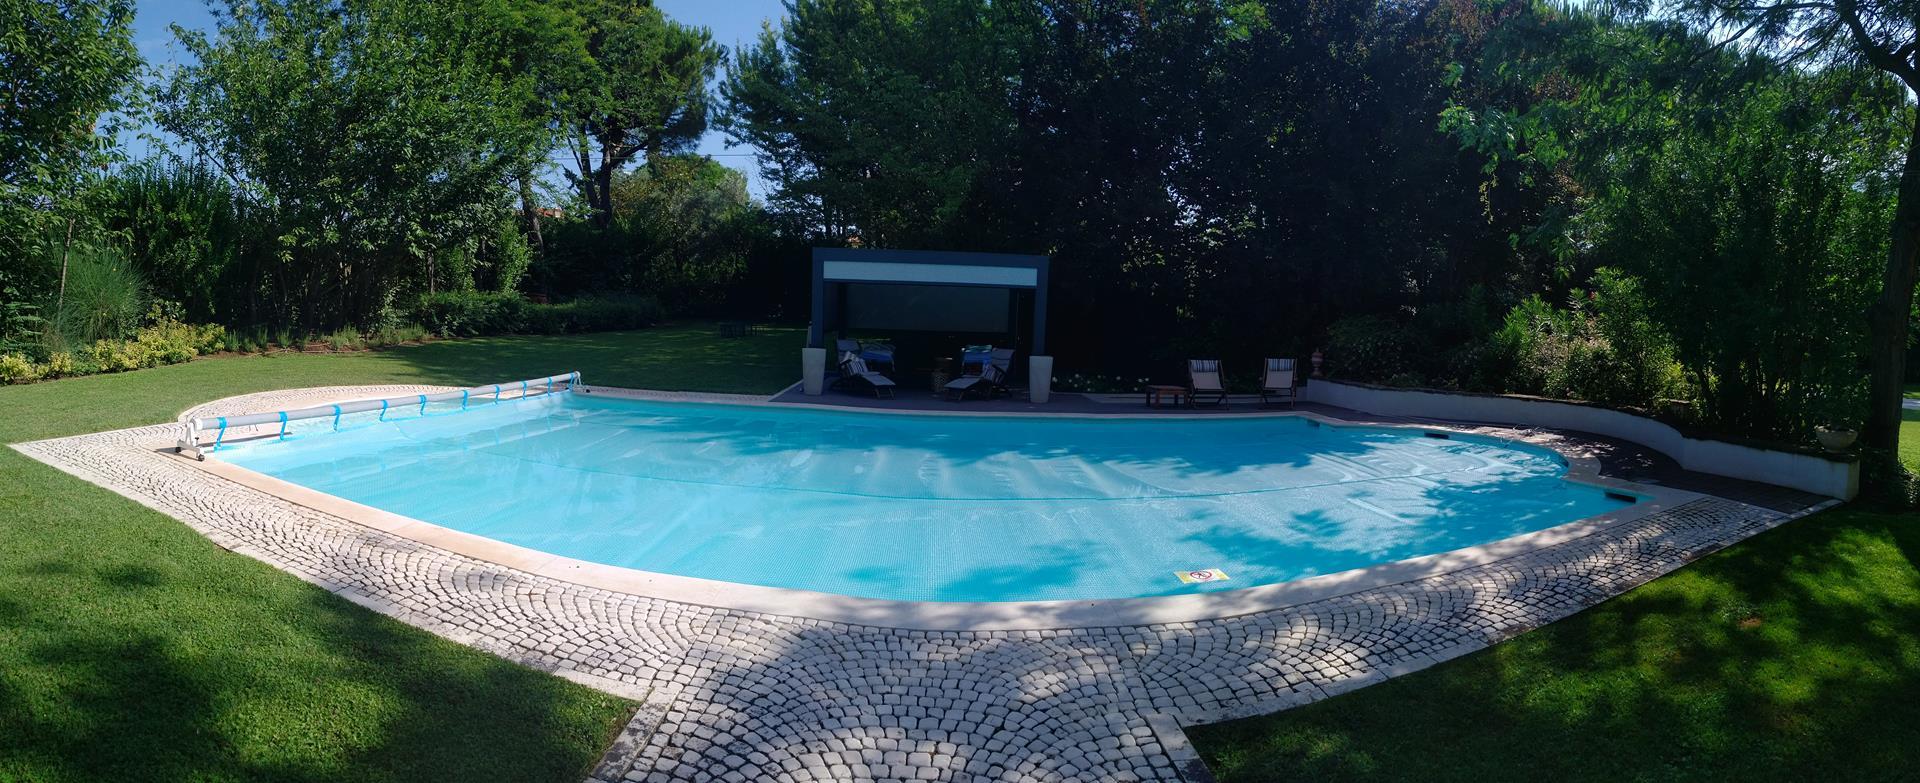 coperture-per-piscine-interrate-21